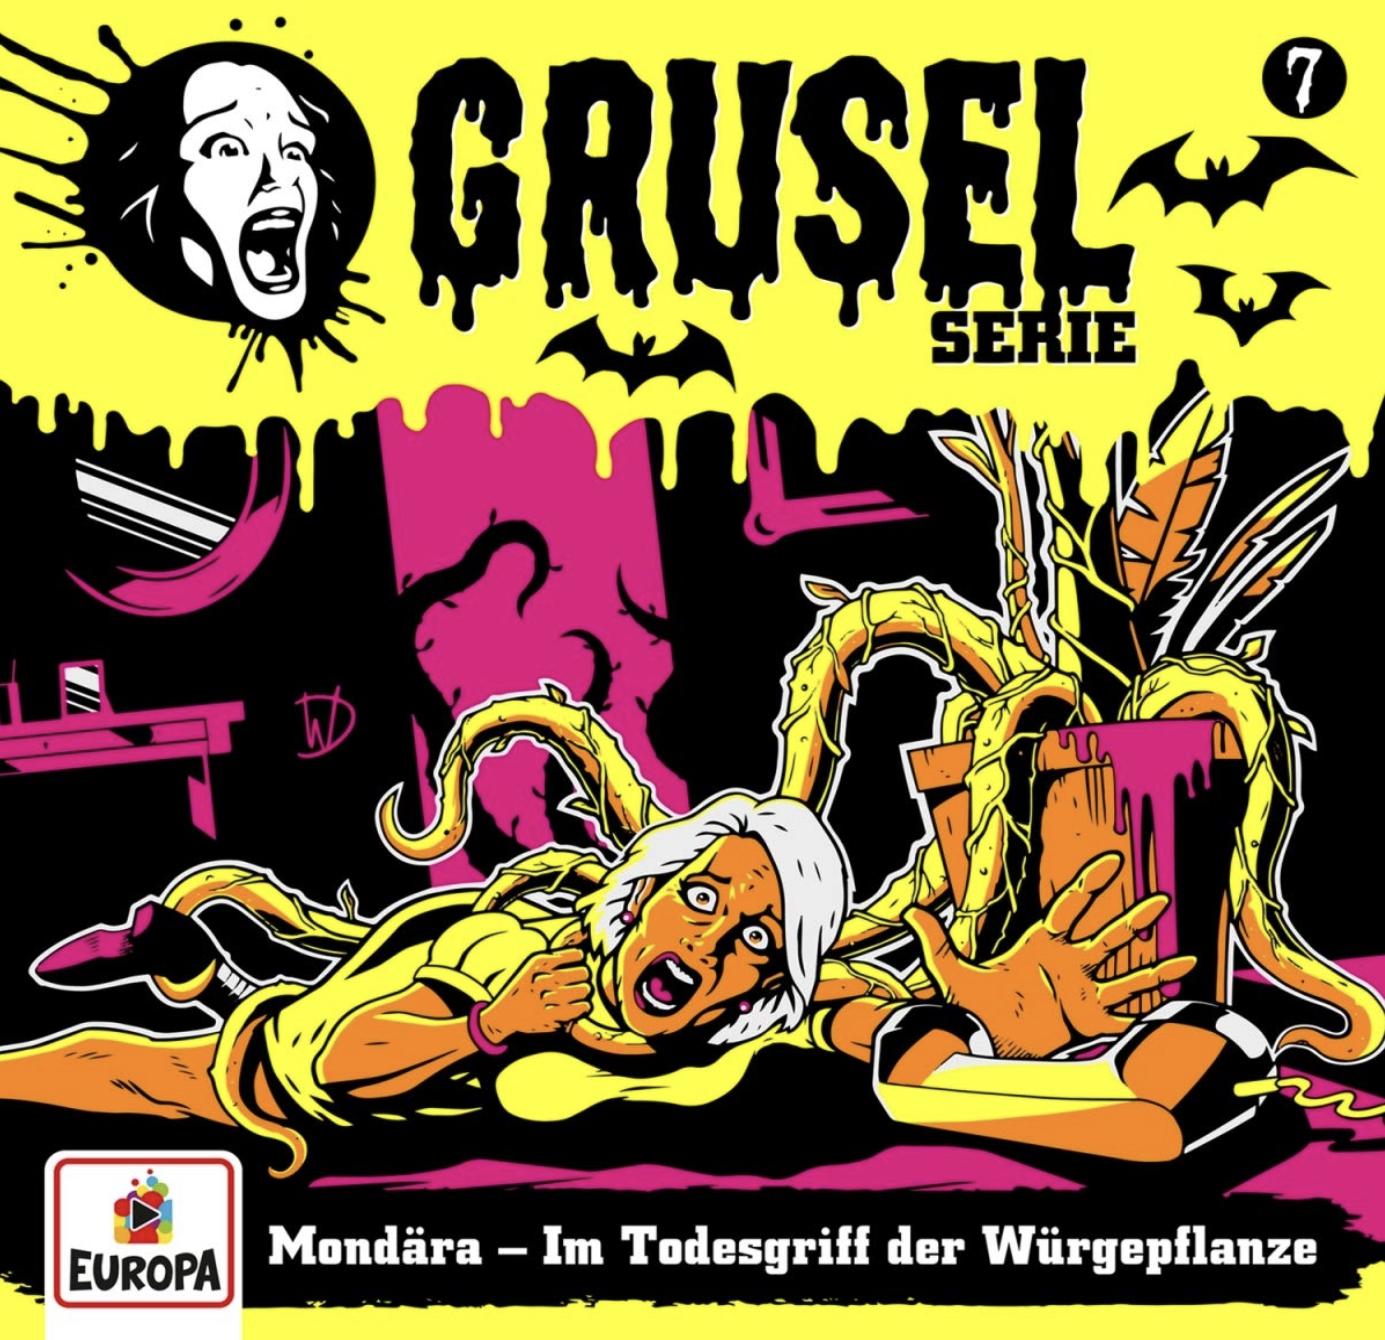 Gruselserie, Mondära, im Todesgriff der Würgepflanze Hörspiel-Kritik